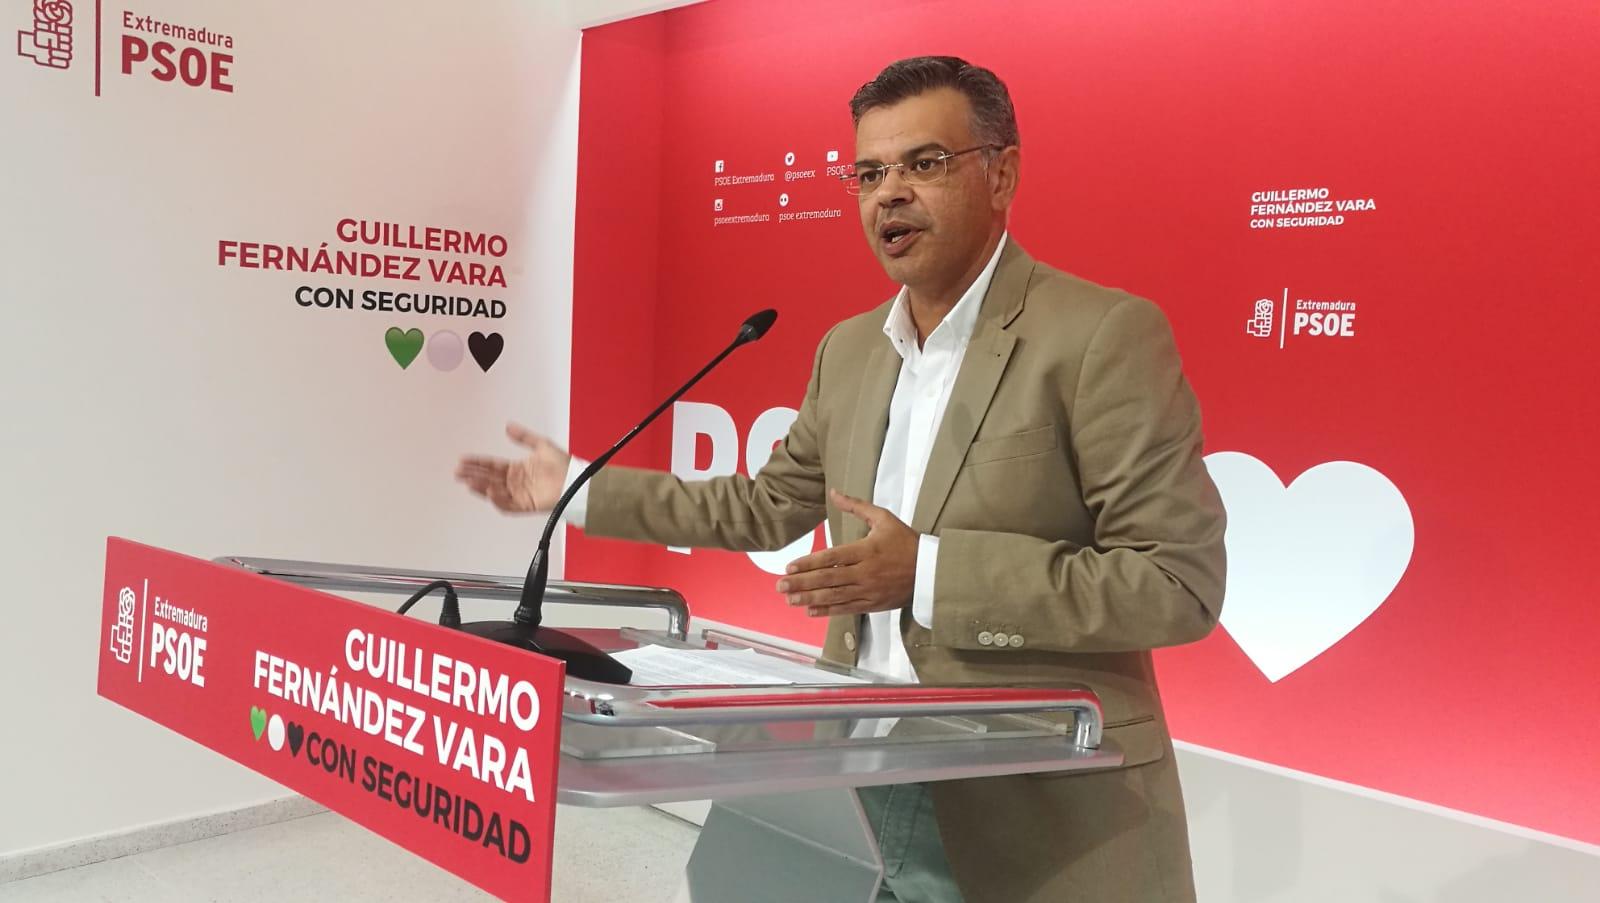 JA González, PSOE: Los socialistas portugueses nos muestran el camino a seguir